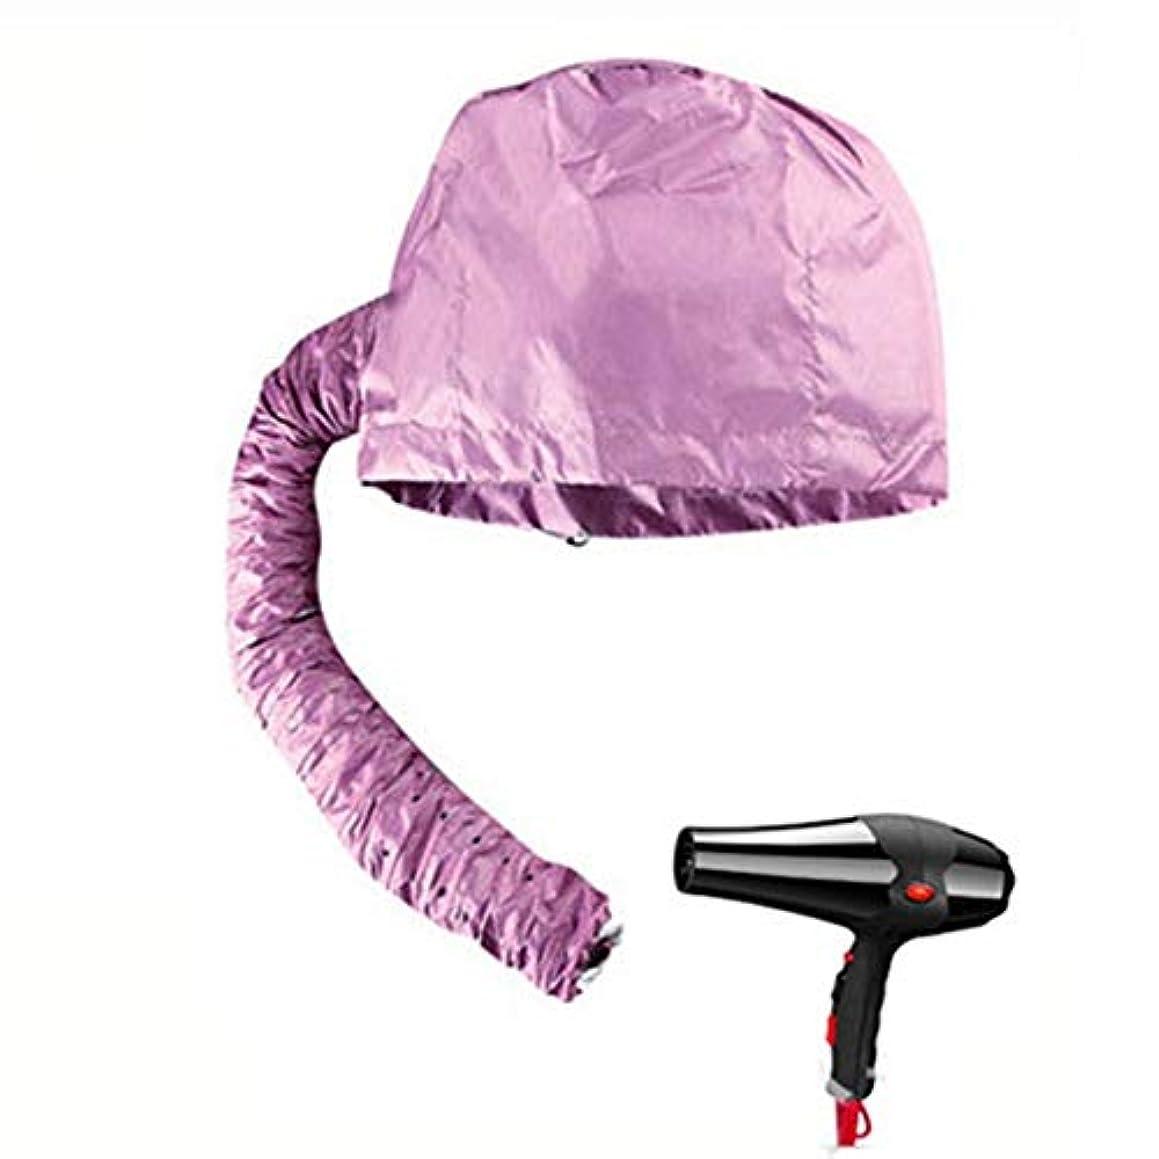 暗殺する労働者数学者TerGOOSE ヒートキャップ ヘアドライヤーキャップ 加温キャップ DIY 加熱機能 マイルドヒートキャップ ヘアケア帽子 髪干し帽子 髪ケア ホームサロン タイマー機能 携帯(パープル)